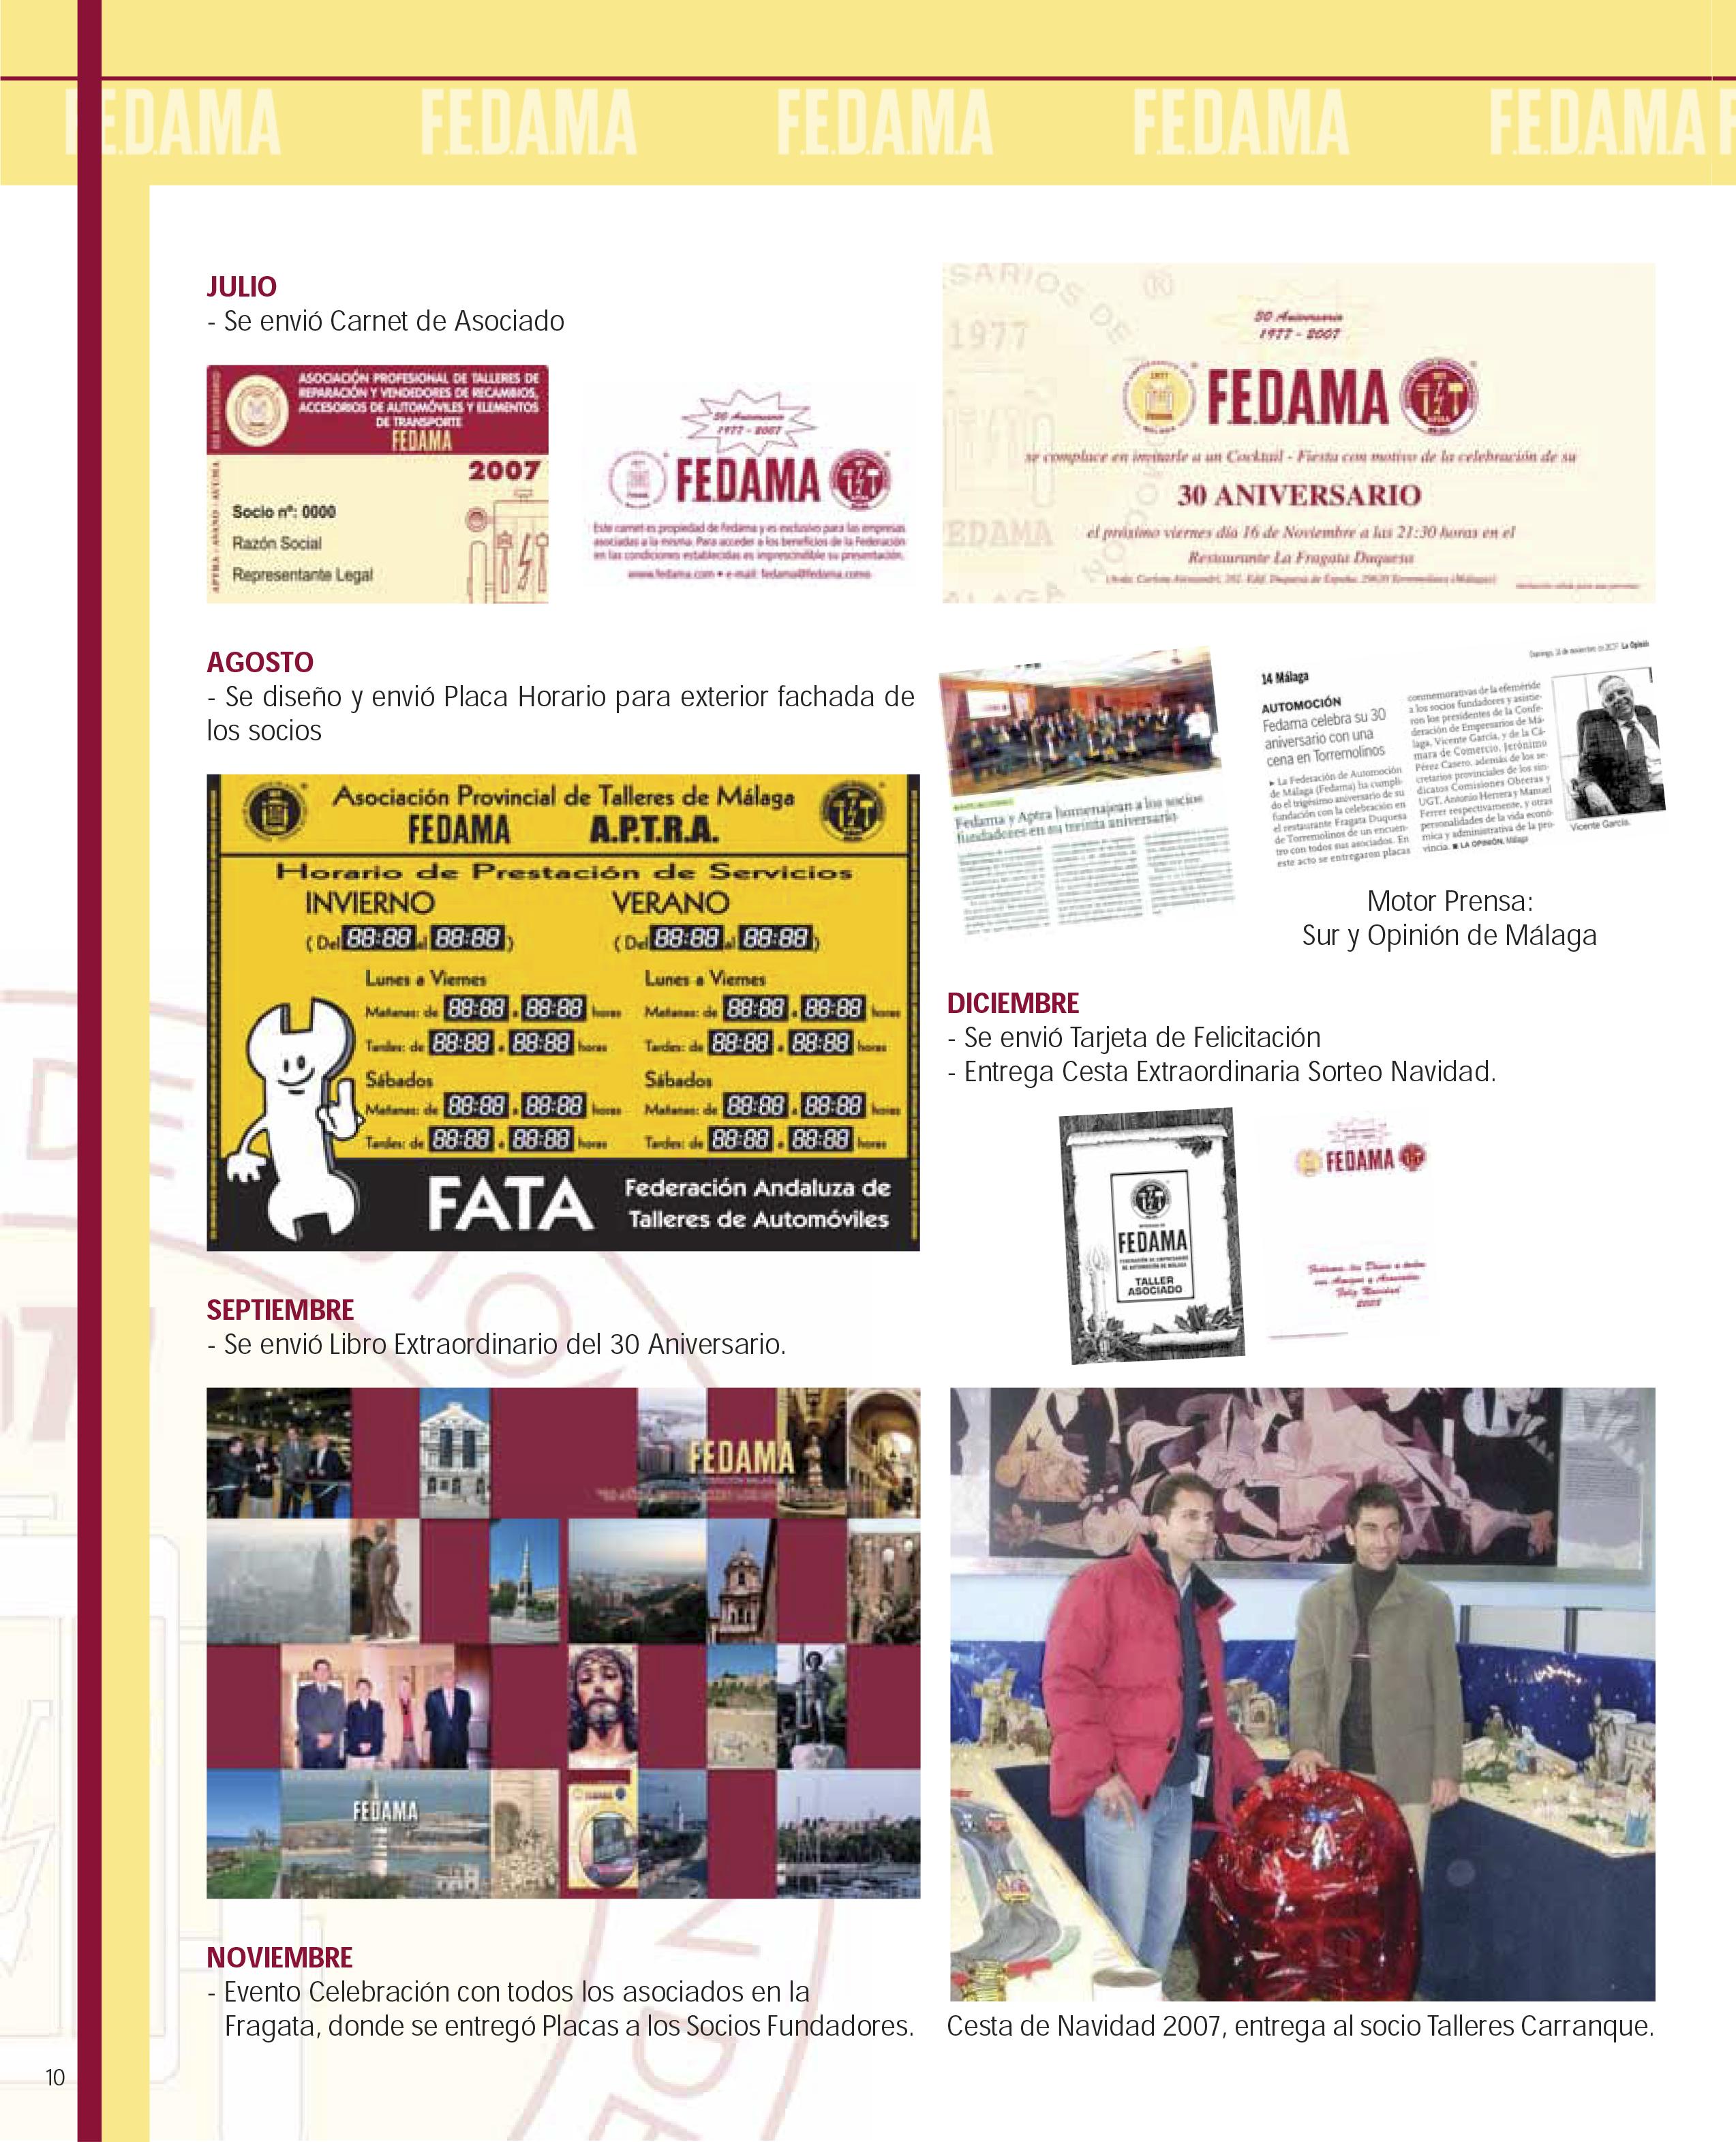 30 Aniversario Fedama Aptra 2007 Federaci N De Empresarios De  # Muebles Fecama Sl